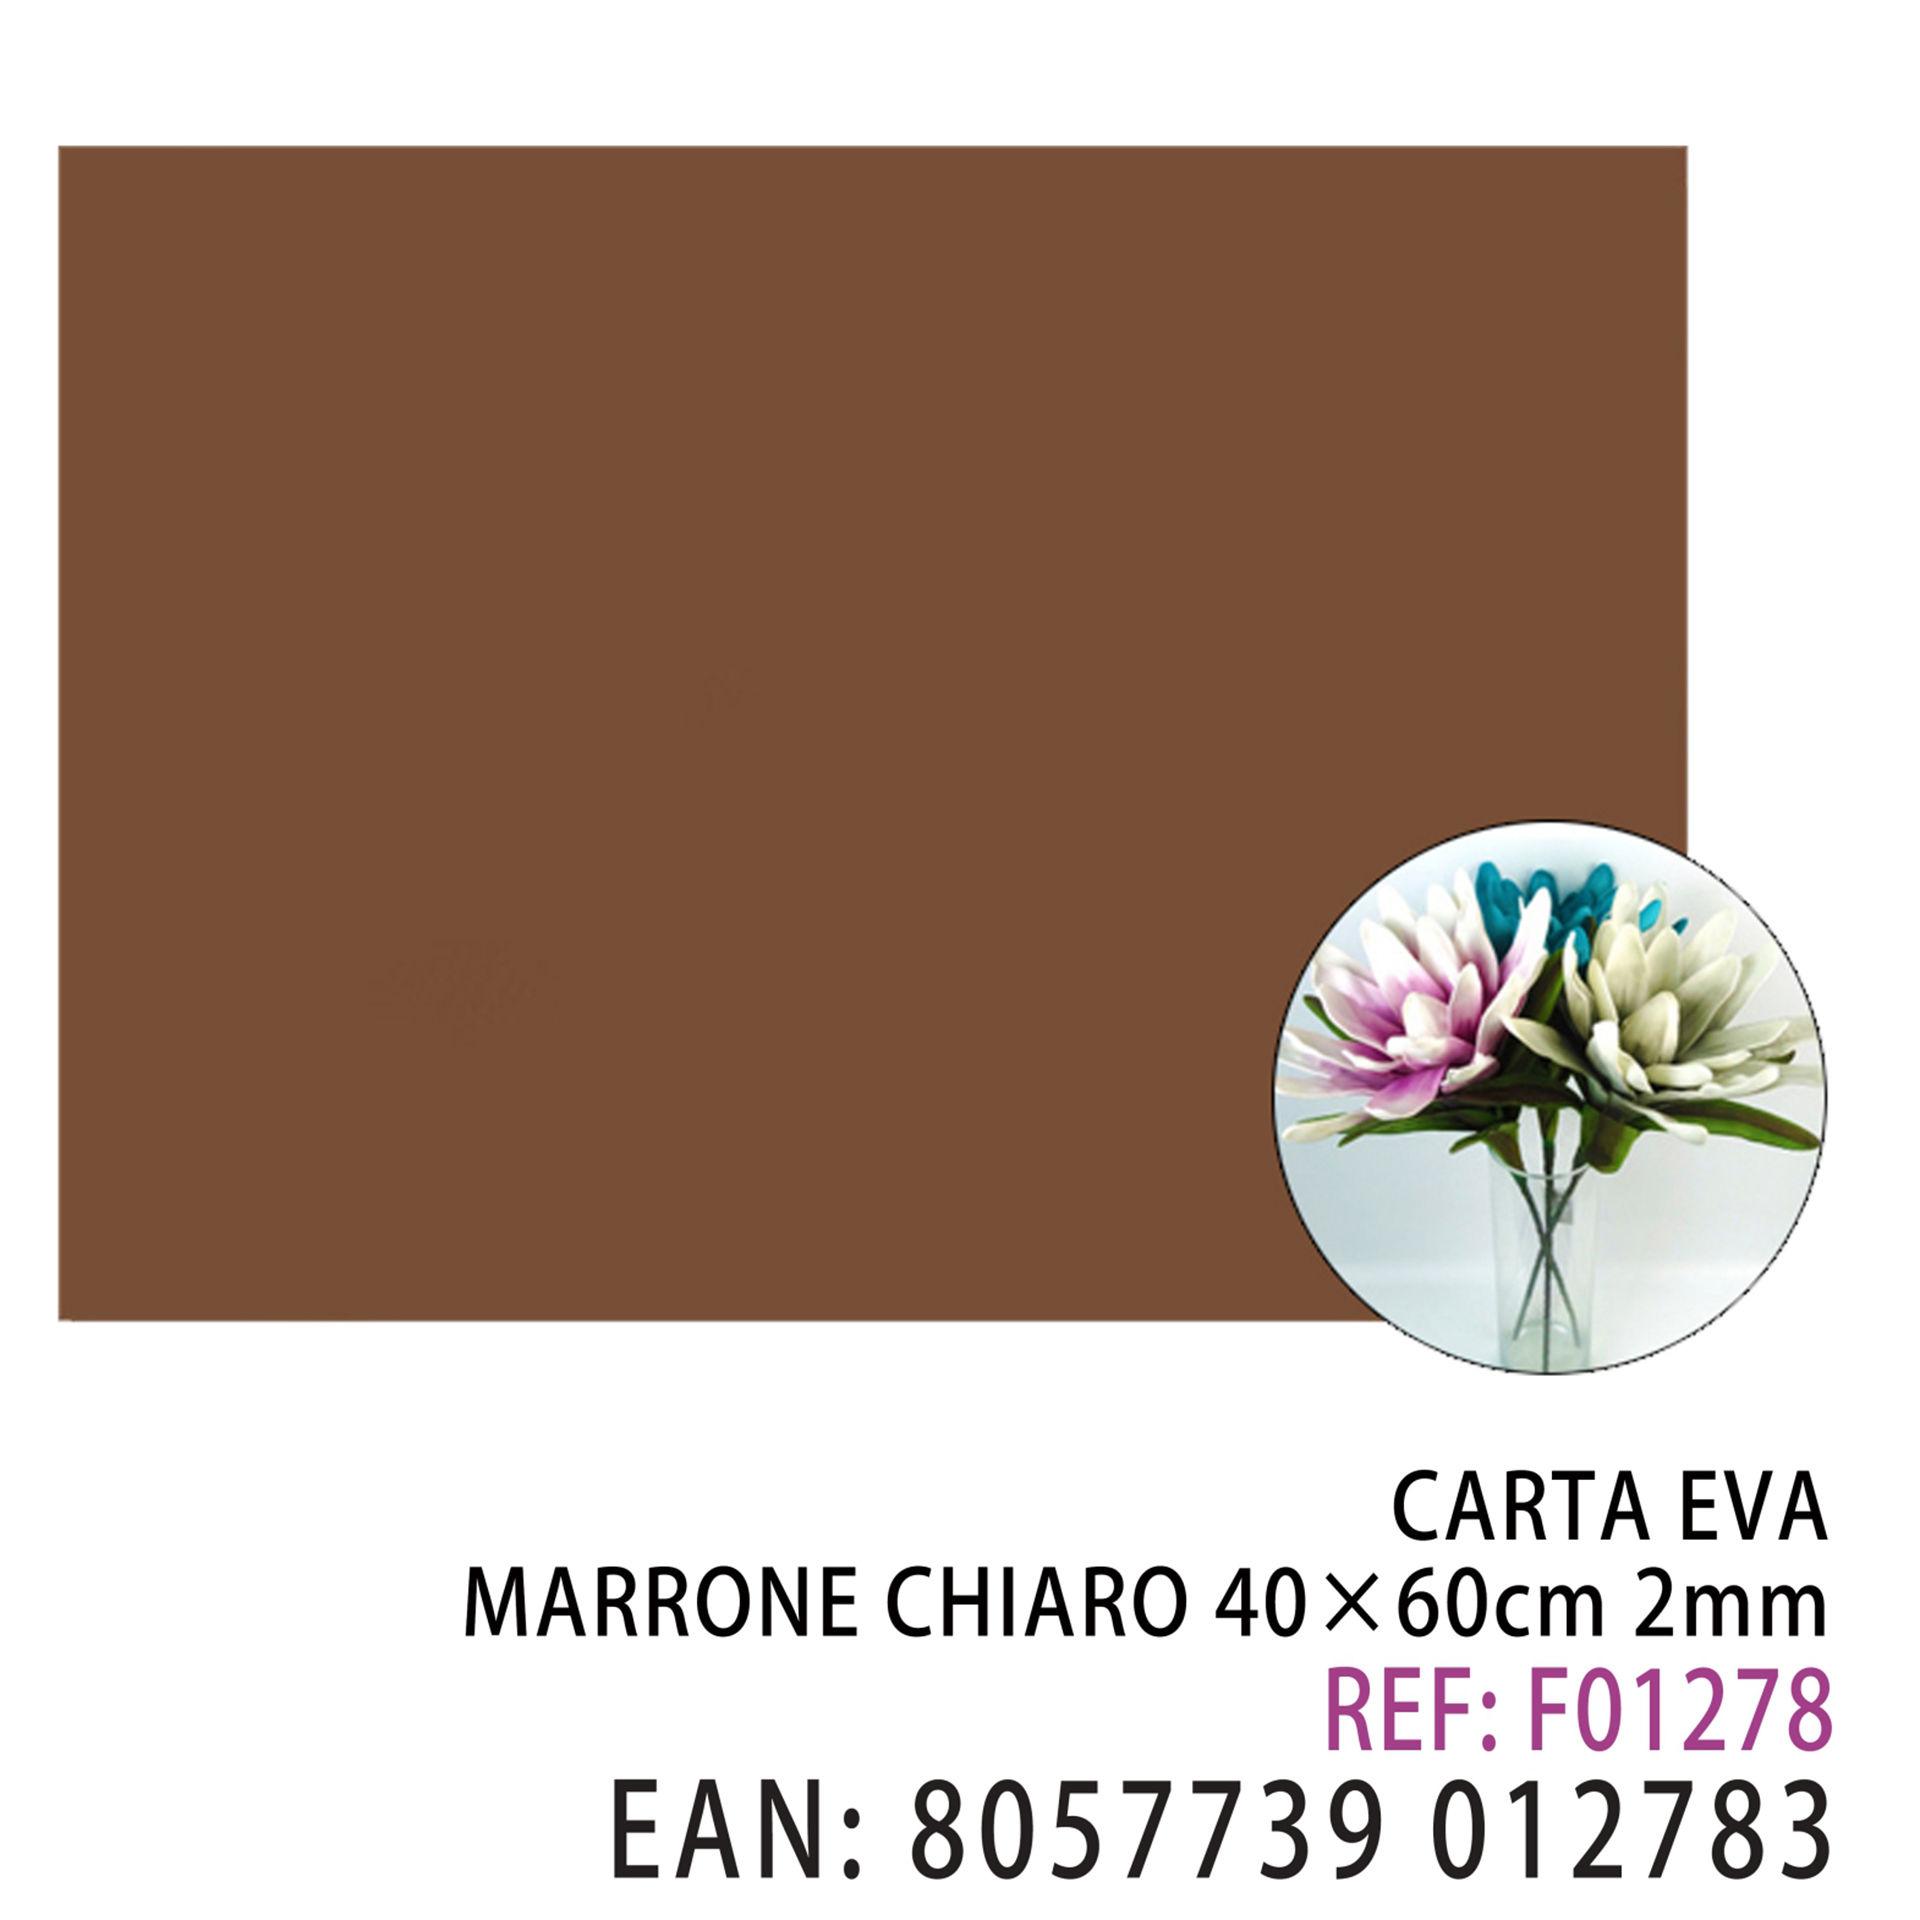 EVA MARRONE CHIARO 40*60CM*2MMDz